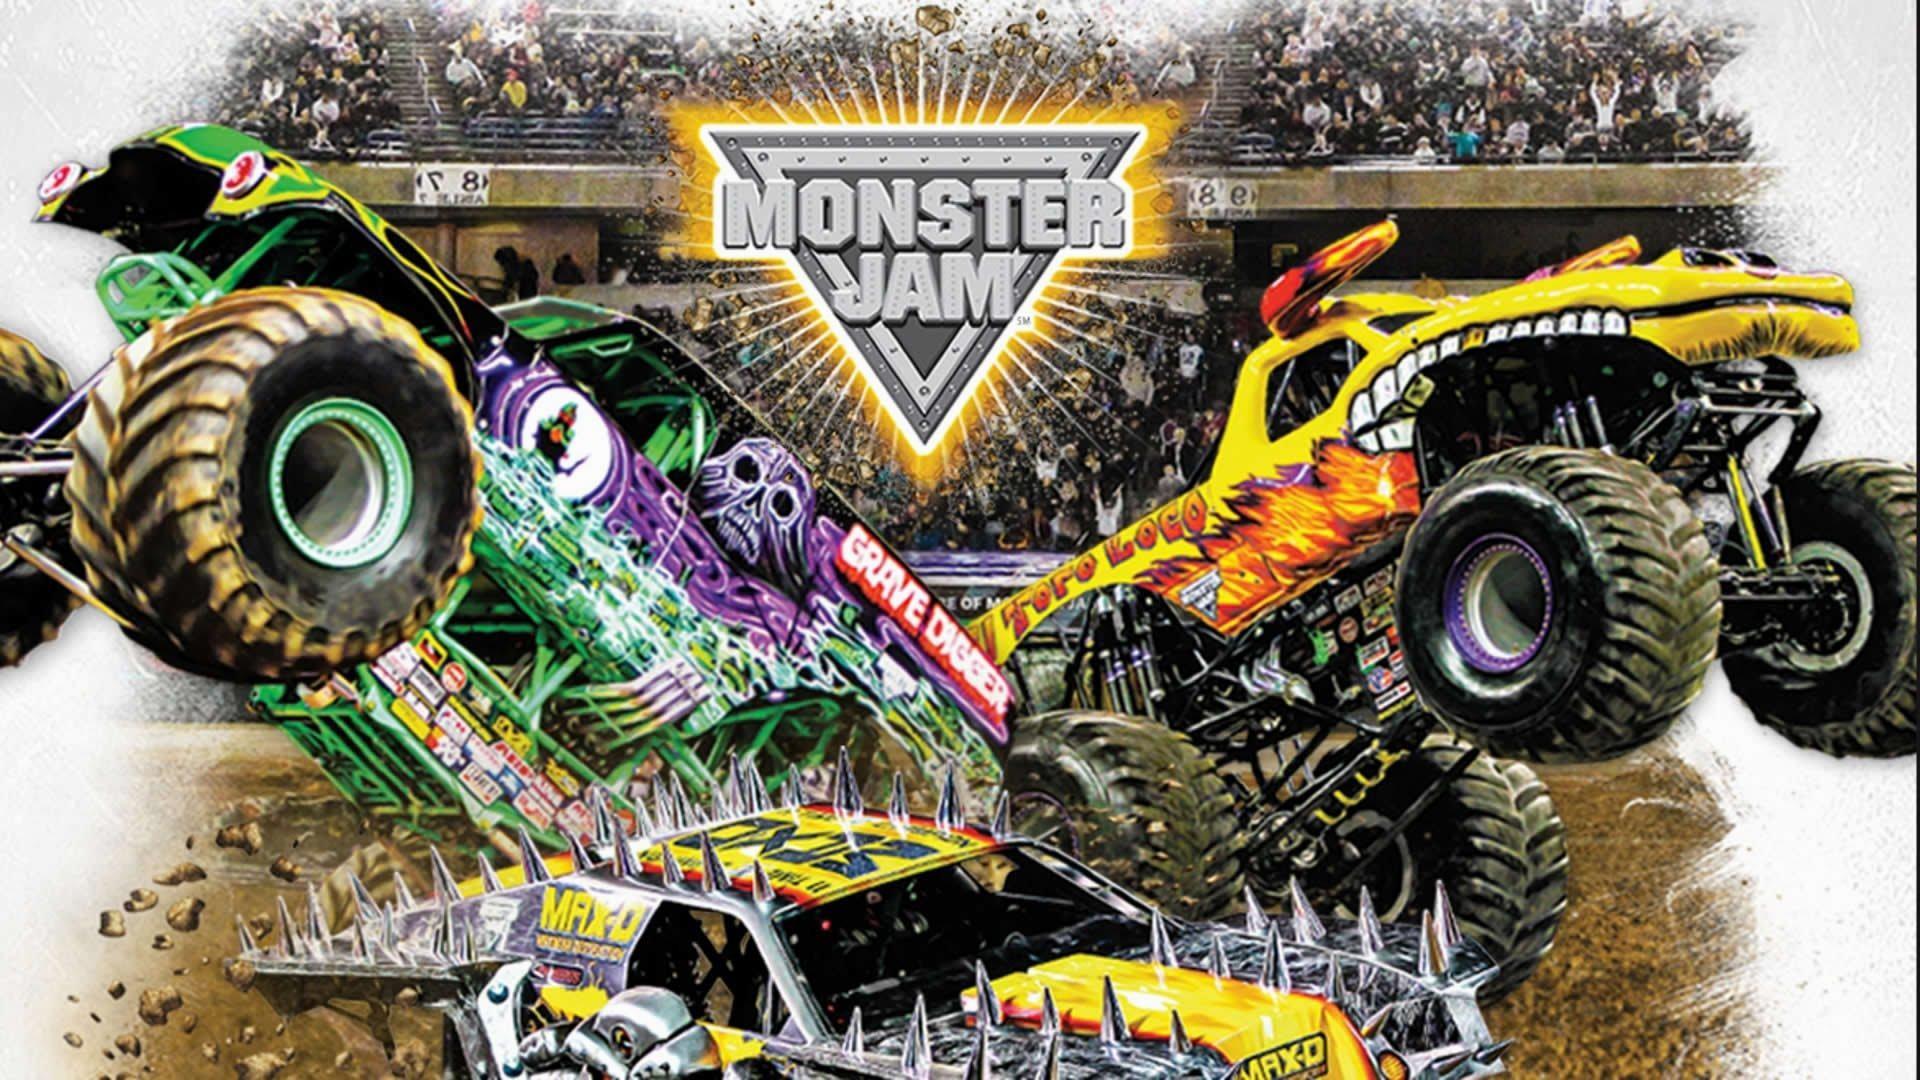 Res: 1920x1080, 7. monster-truck-wallpaper7-600x338